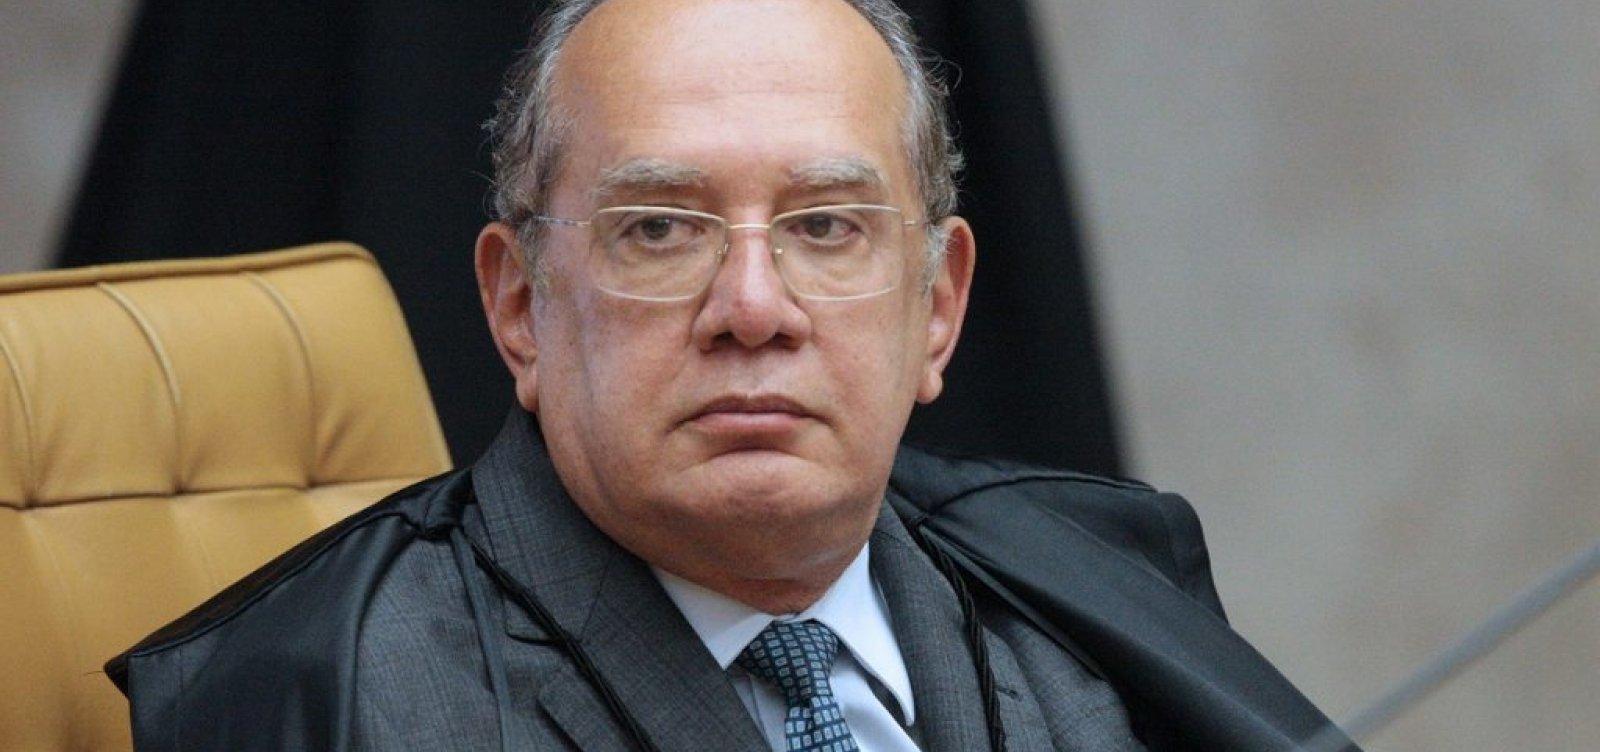 [Instituições devem ser honradas, diz ministro após Bolsonaro divulgar vídeo de apoio a ato]